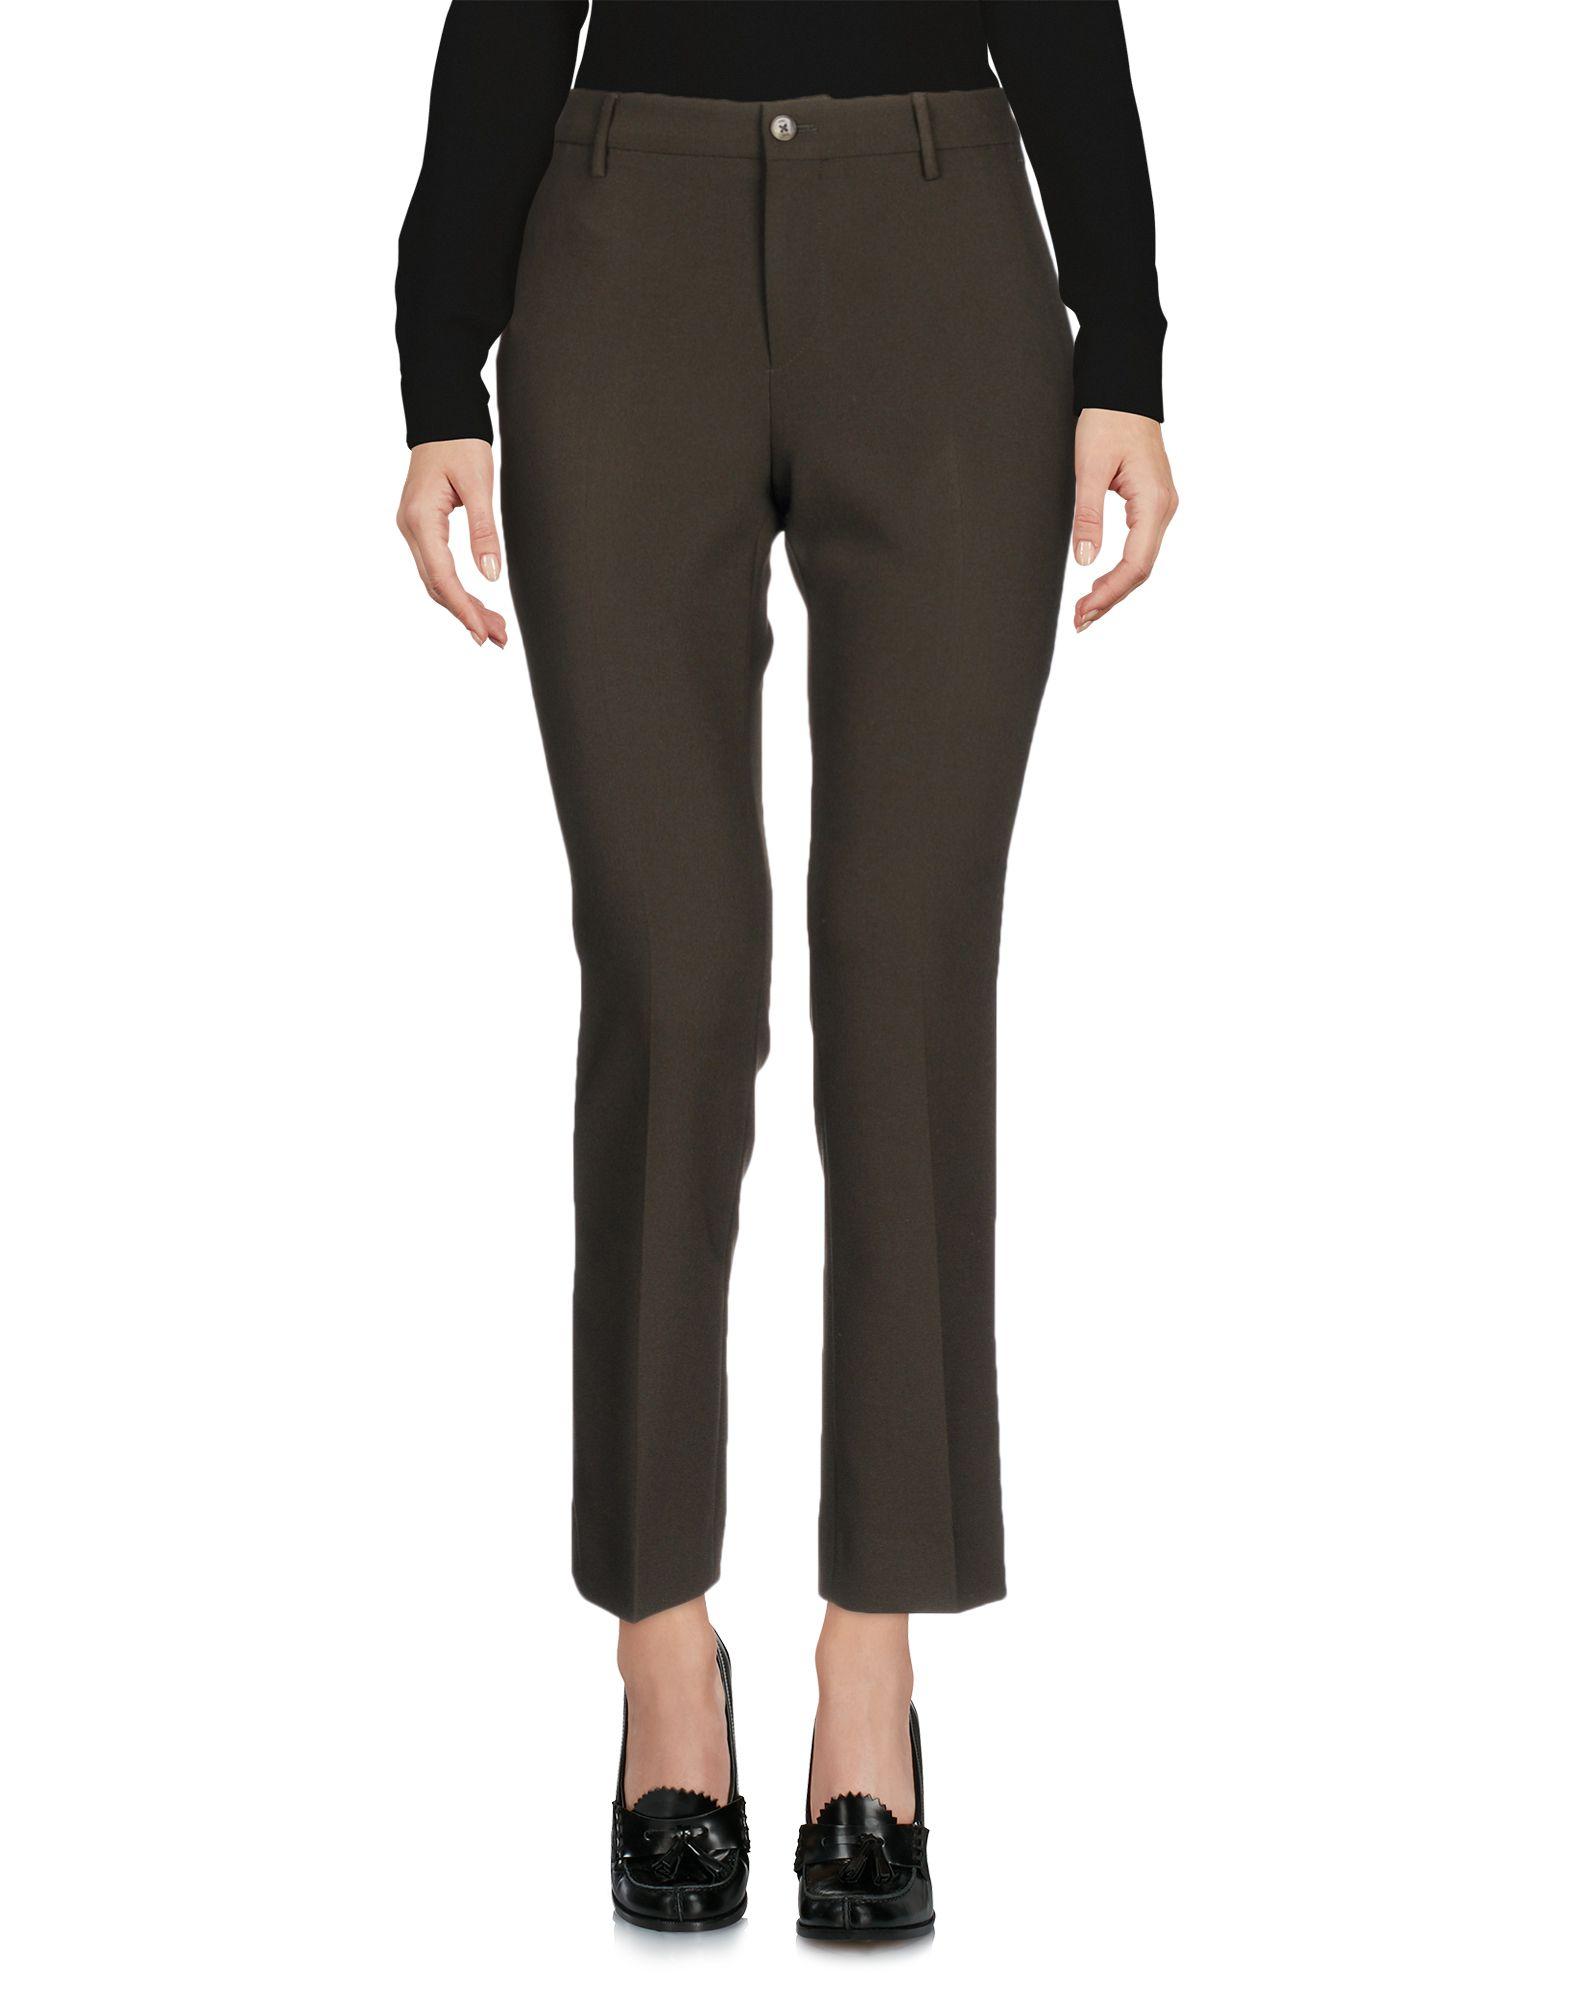 Pantalone Classico Pt01 Donna - Acquista online su SU1yT2O